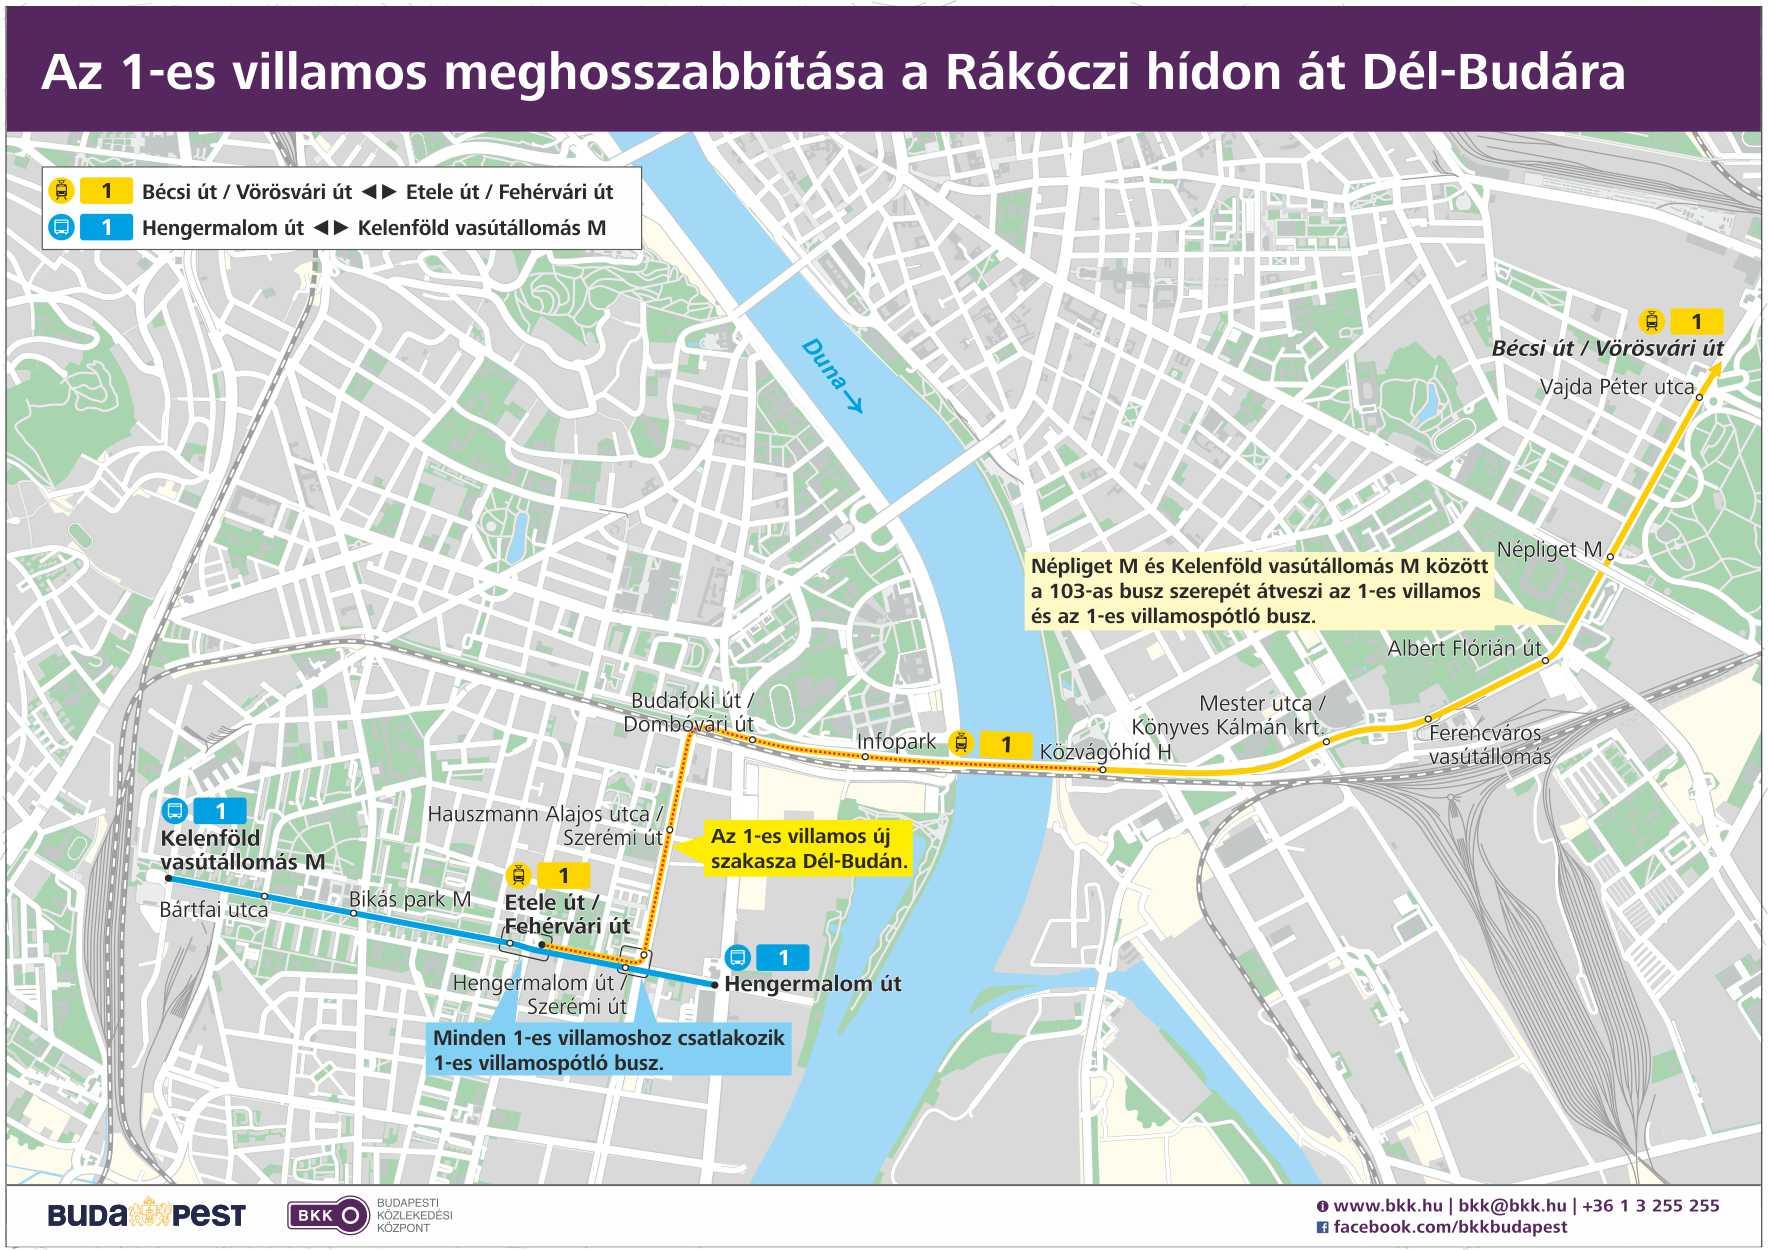 budapest 1 es villamos térkép Társadalami egyeztetés (1 es villamos)   Budapesti Közlekedési  budapest 1 es villamos térkép